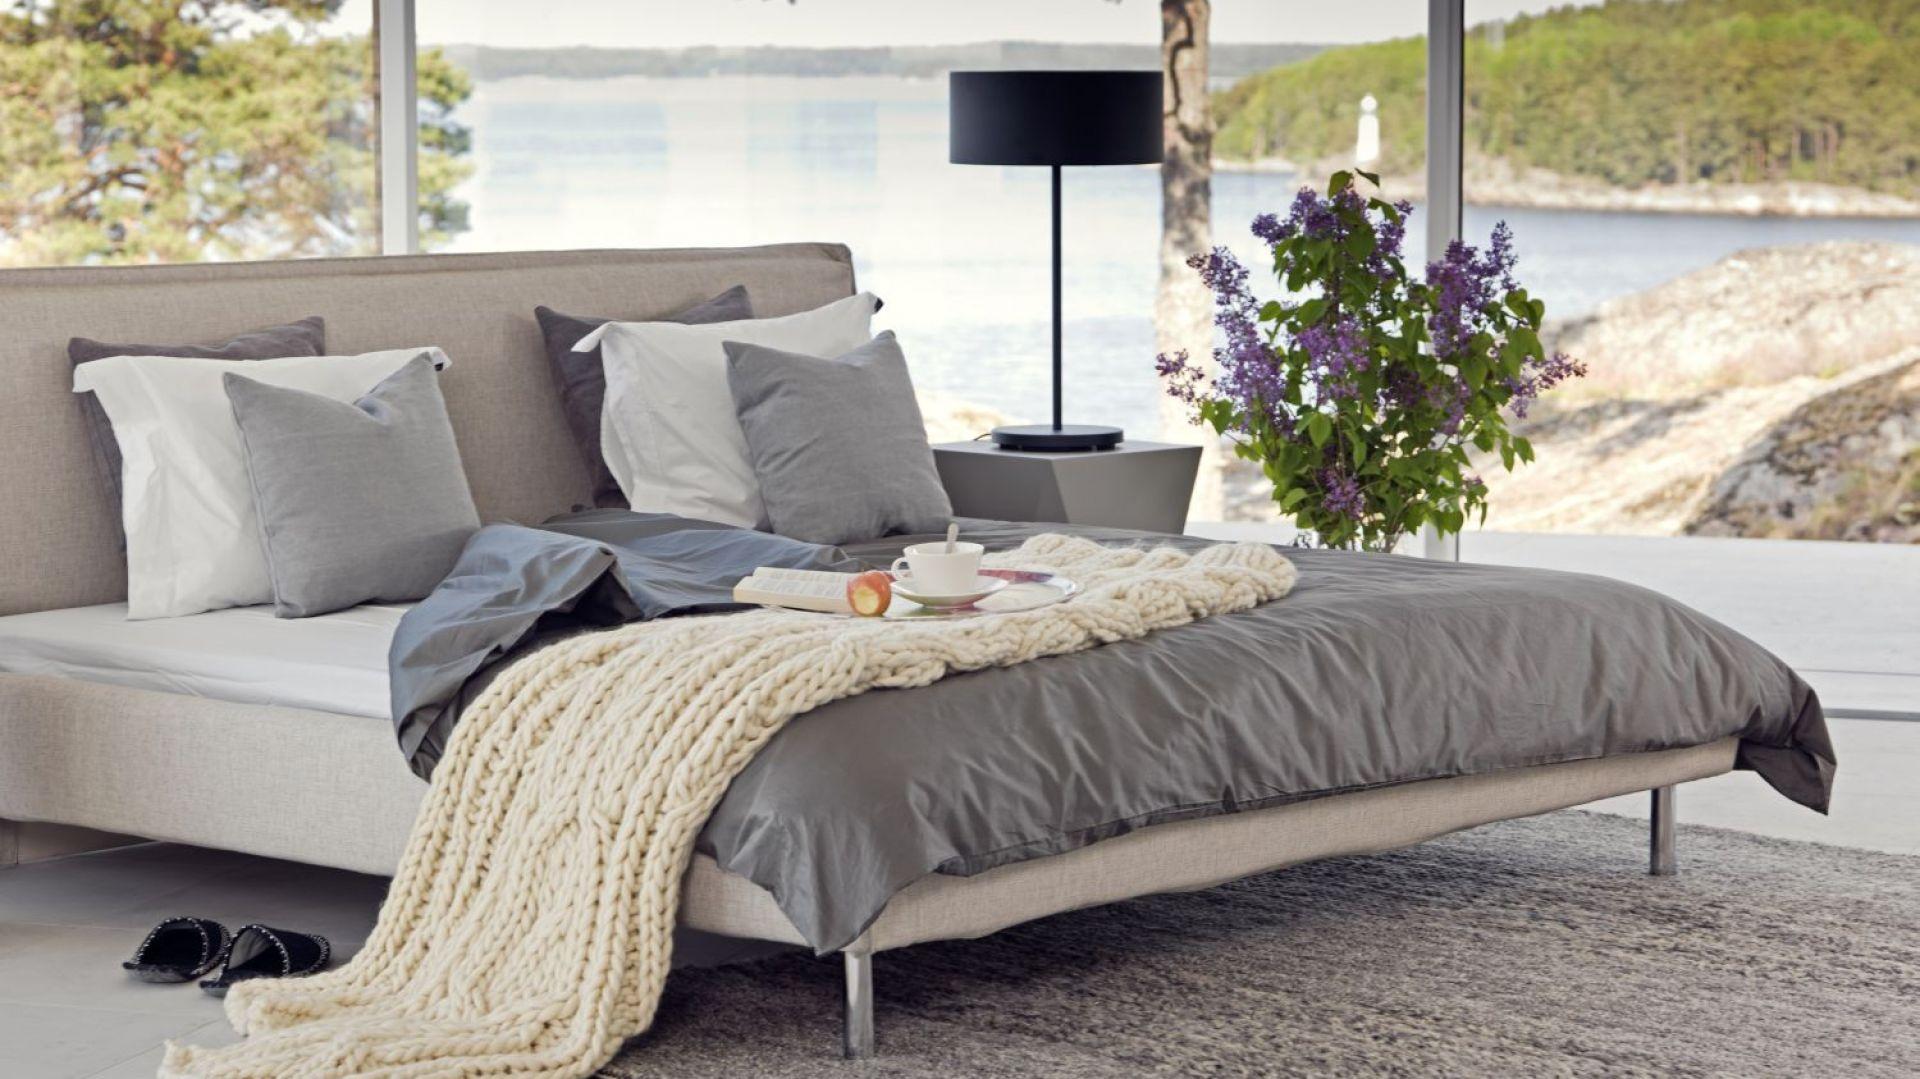 Norfolk Bed LC to łóżko tapicerowane o lekkiej, eleganckiej formie. Fot. MTI Furninova